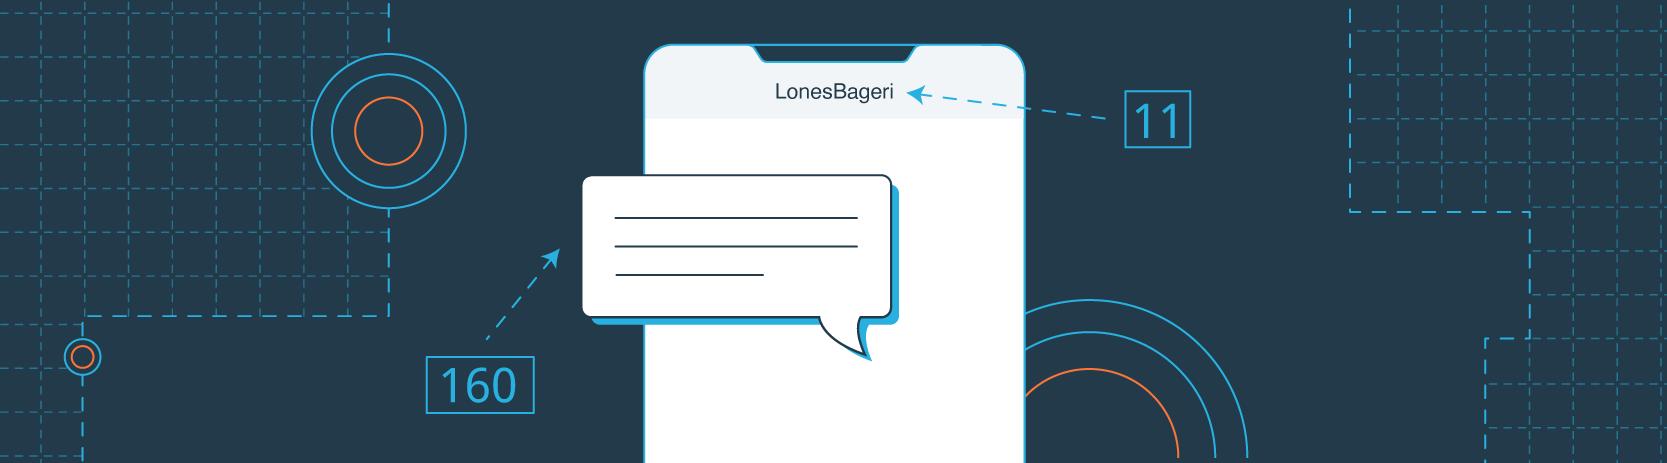 Hvor mange tegn må en SMS-besked og et afsendernavn indeholde?